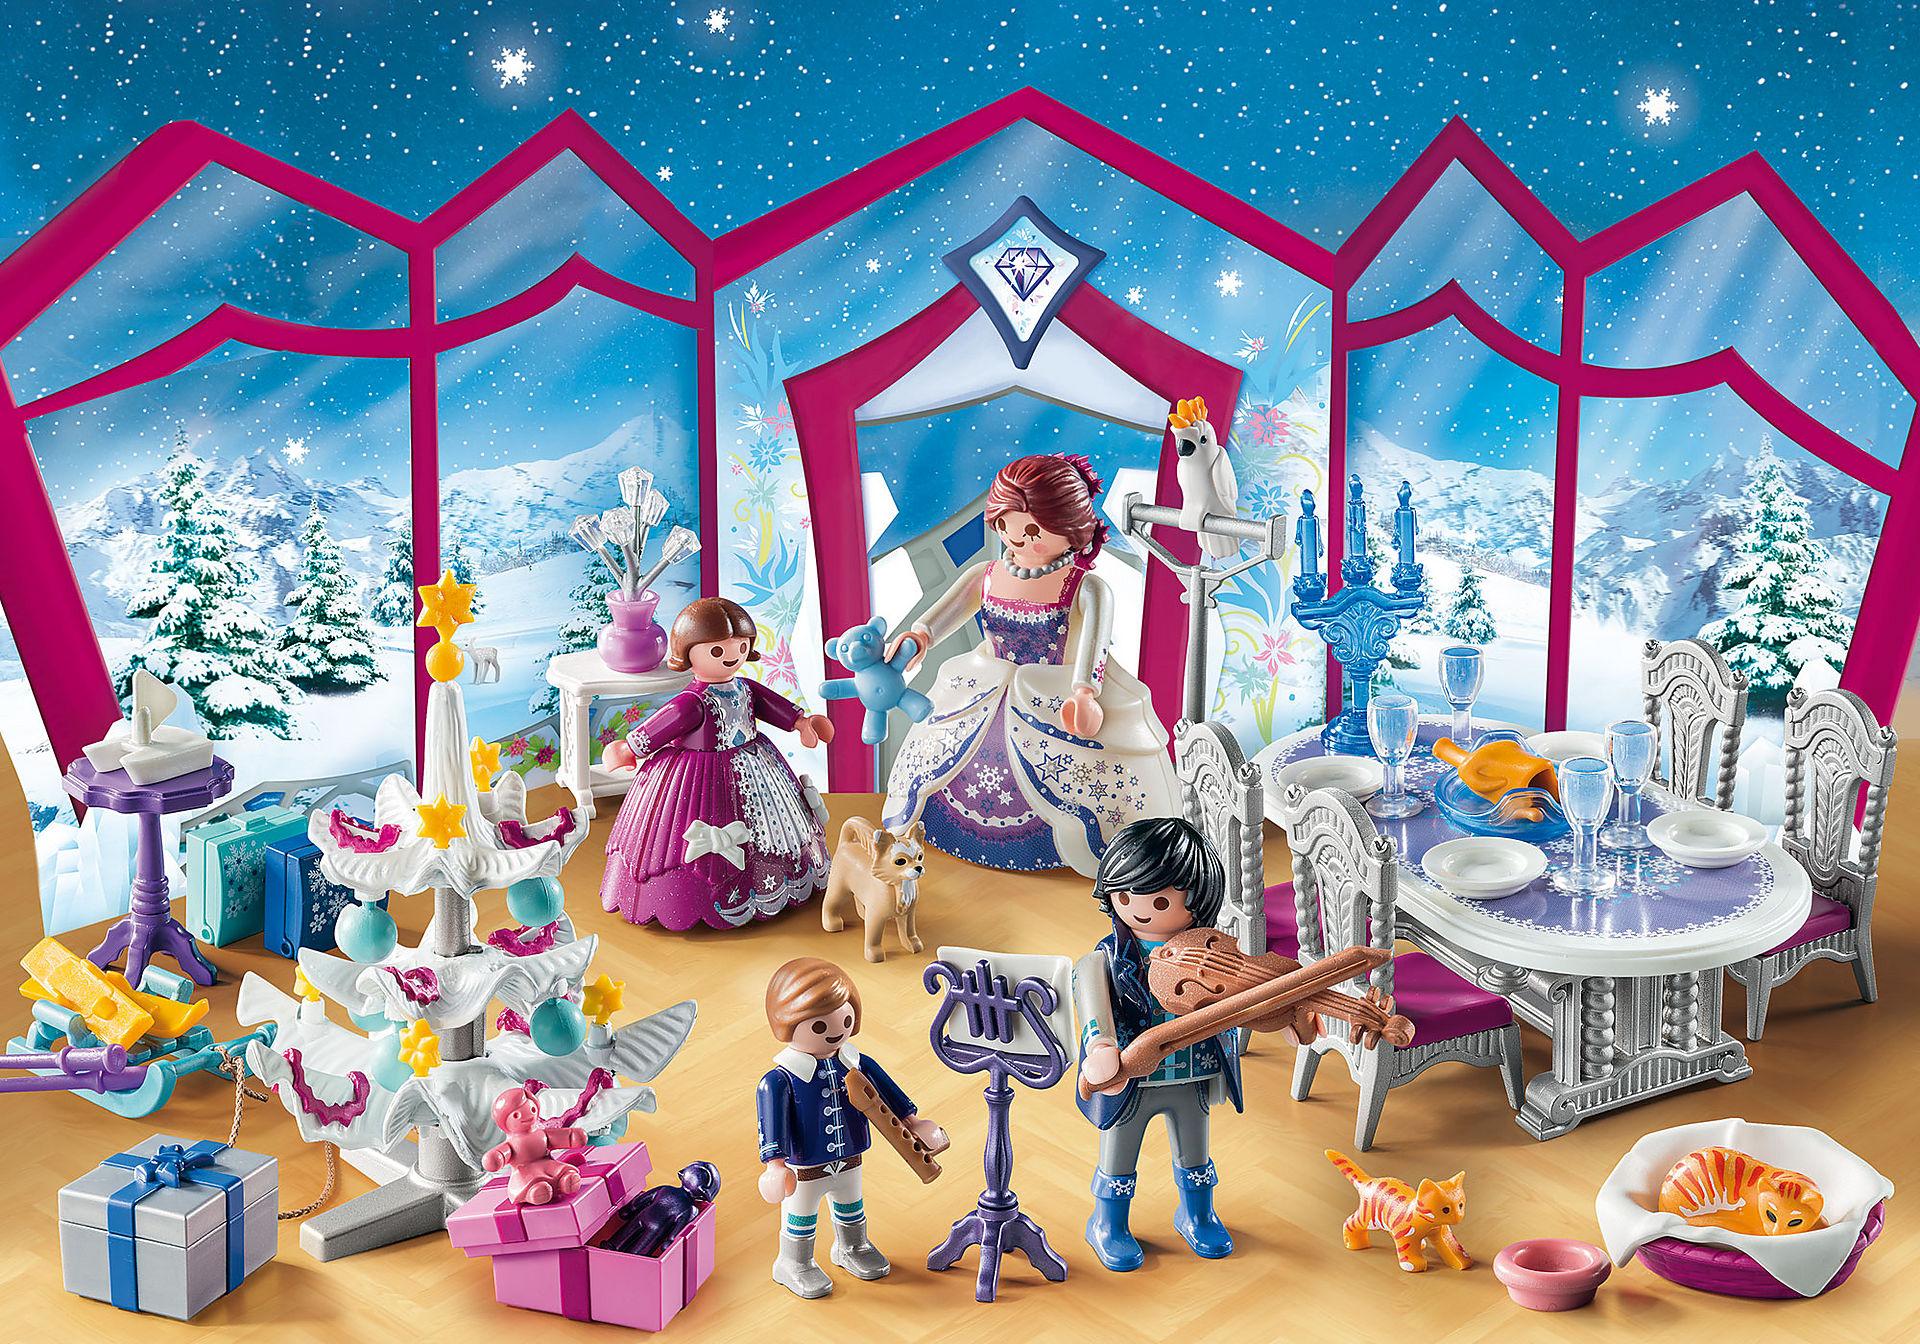 http://media.playmobil.com/i/playmobil/9485_product_extra1/Calendário do Advento - 'Baile de Natal no Salão de Cristal'